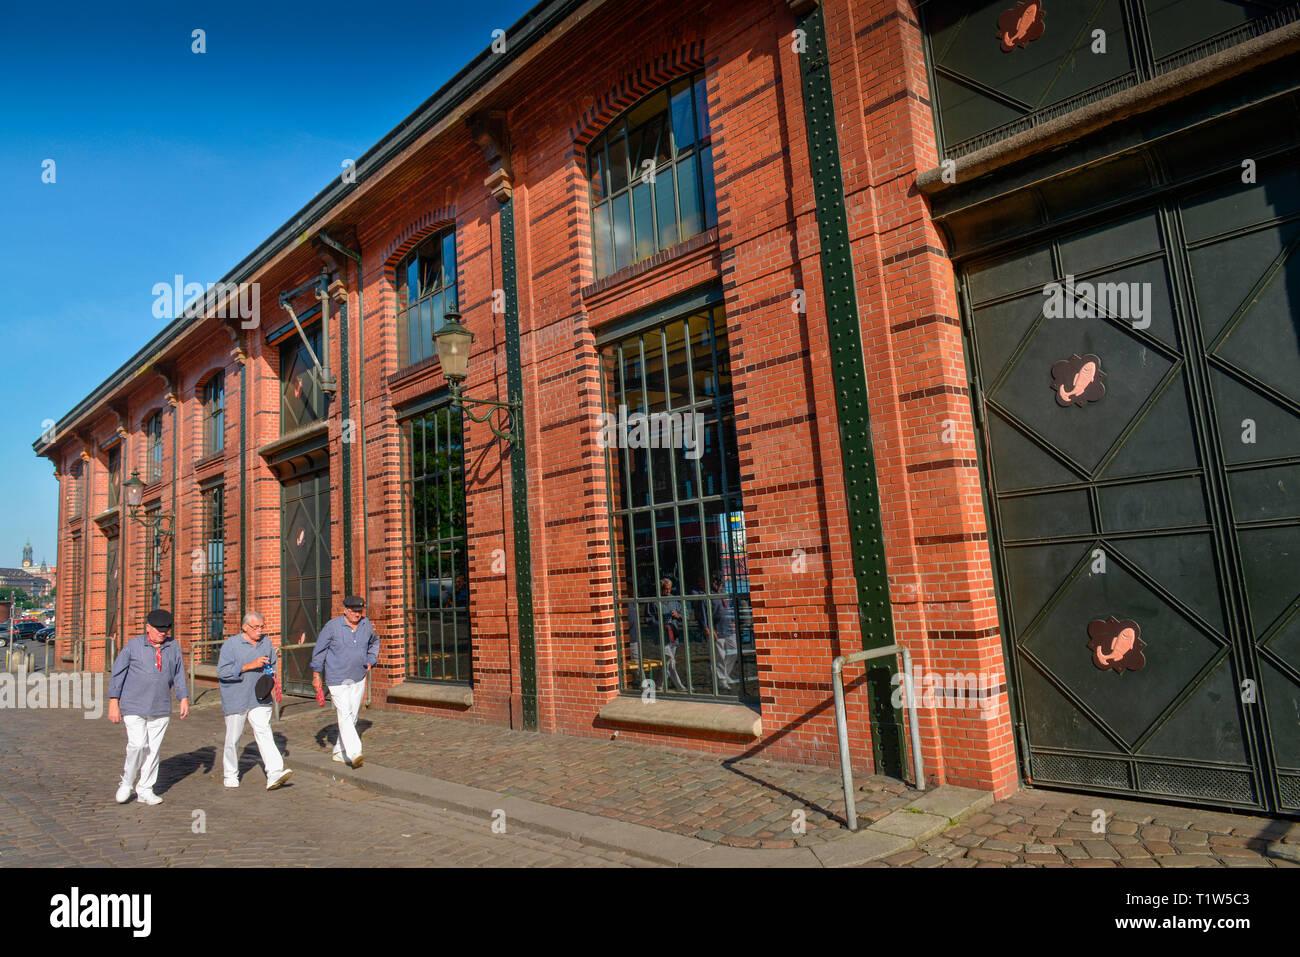 Fischauktionshalle, Grosse Elbstrasse, Altona, Hamburg, Deutschland - Stock Image